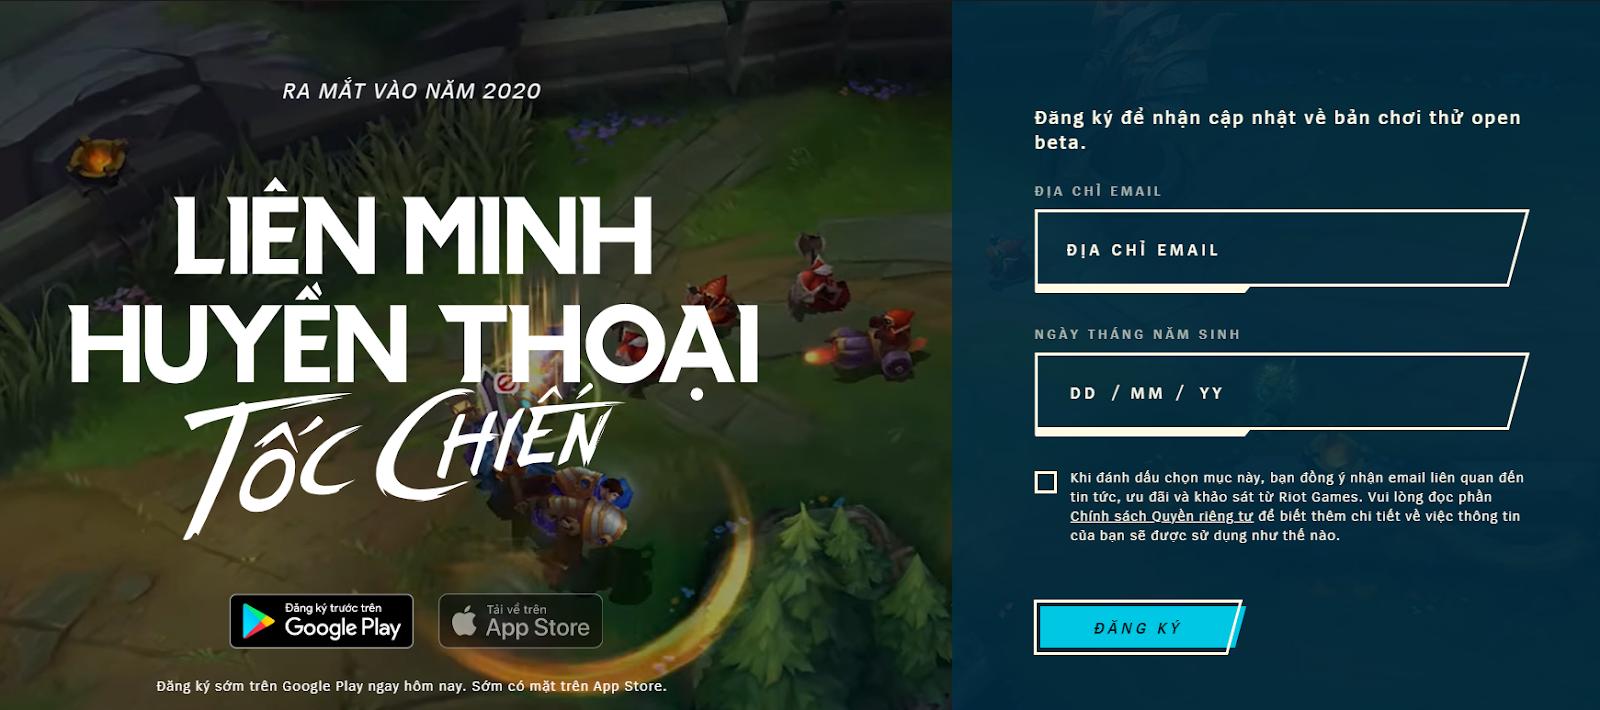 huong-dan-tai-game-lien-minh-toc-chien-mobile-2020-shop-game-hong-an